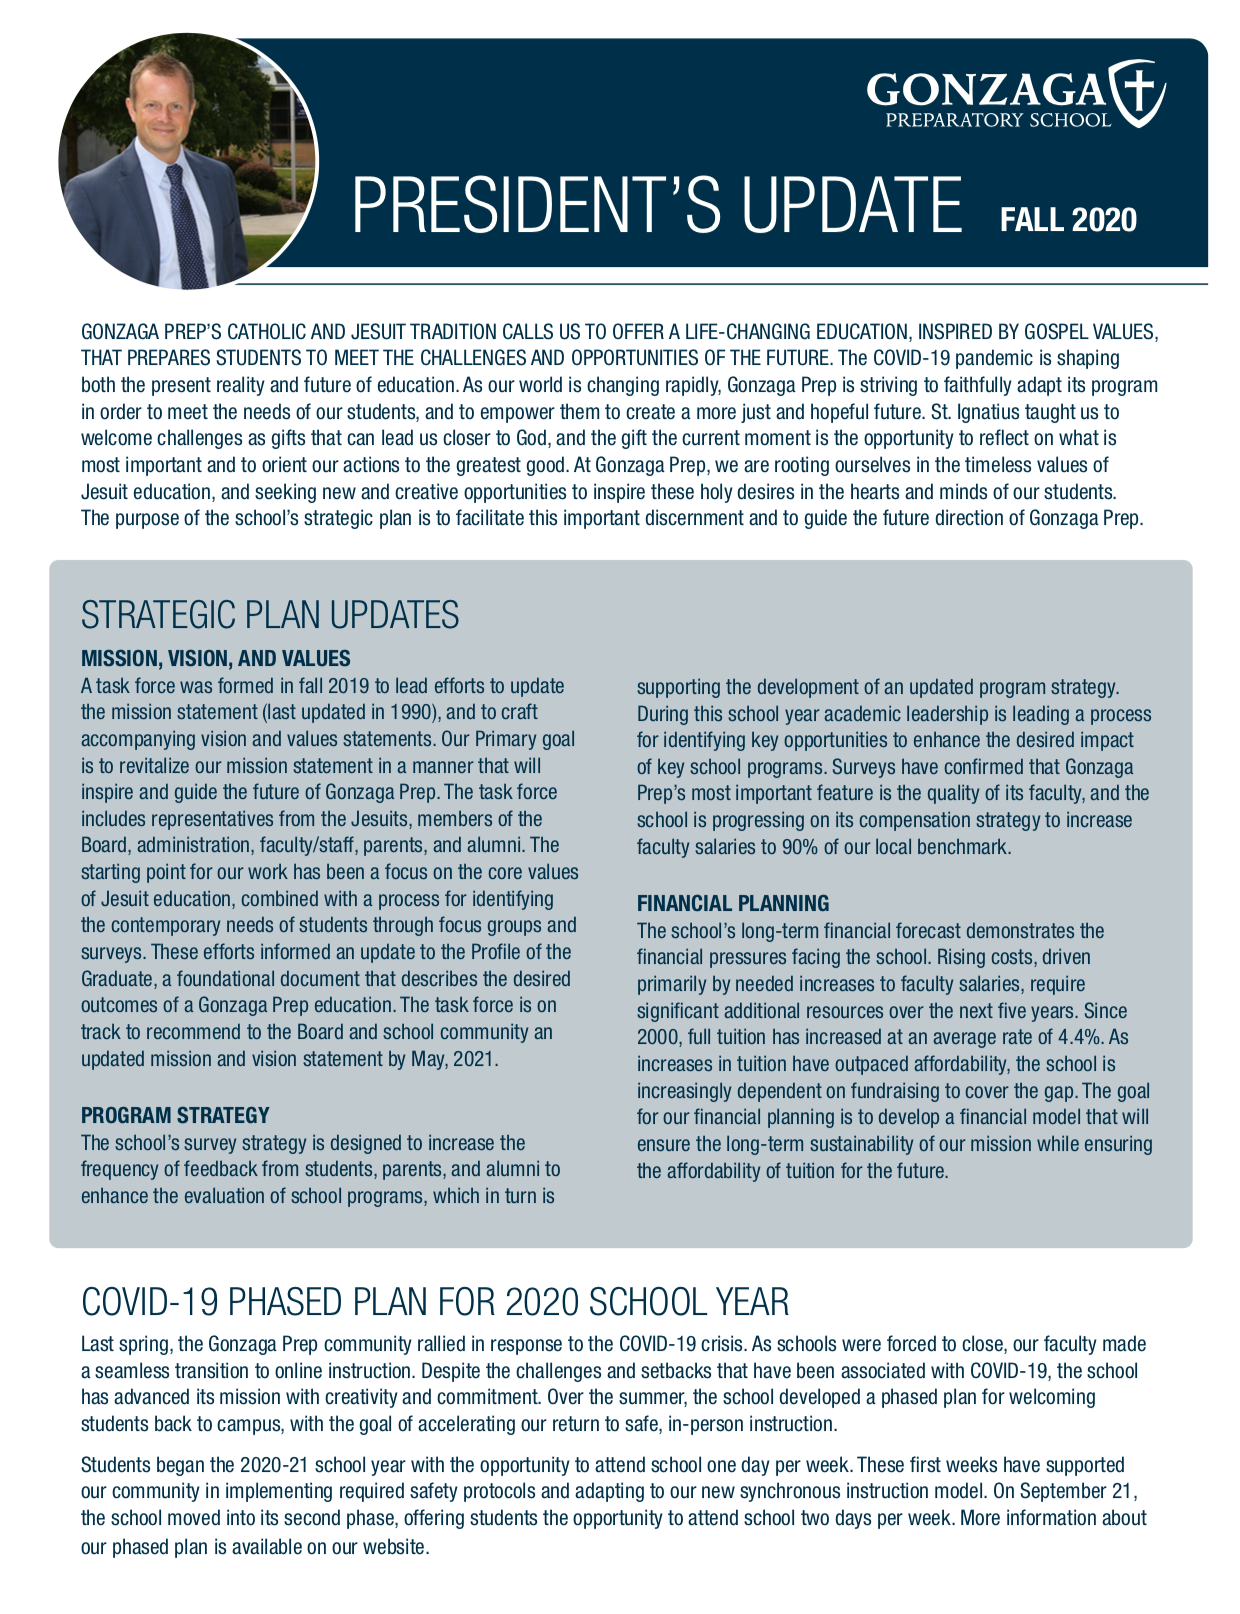 Pres club update